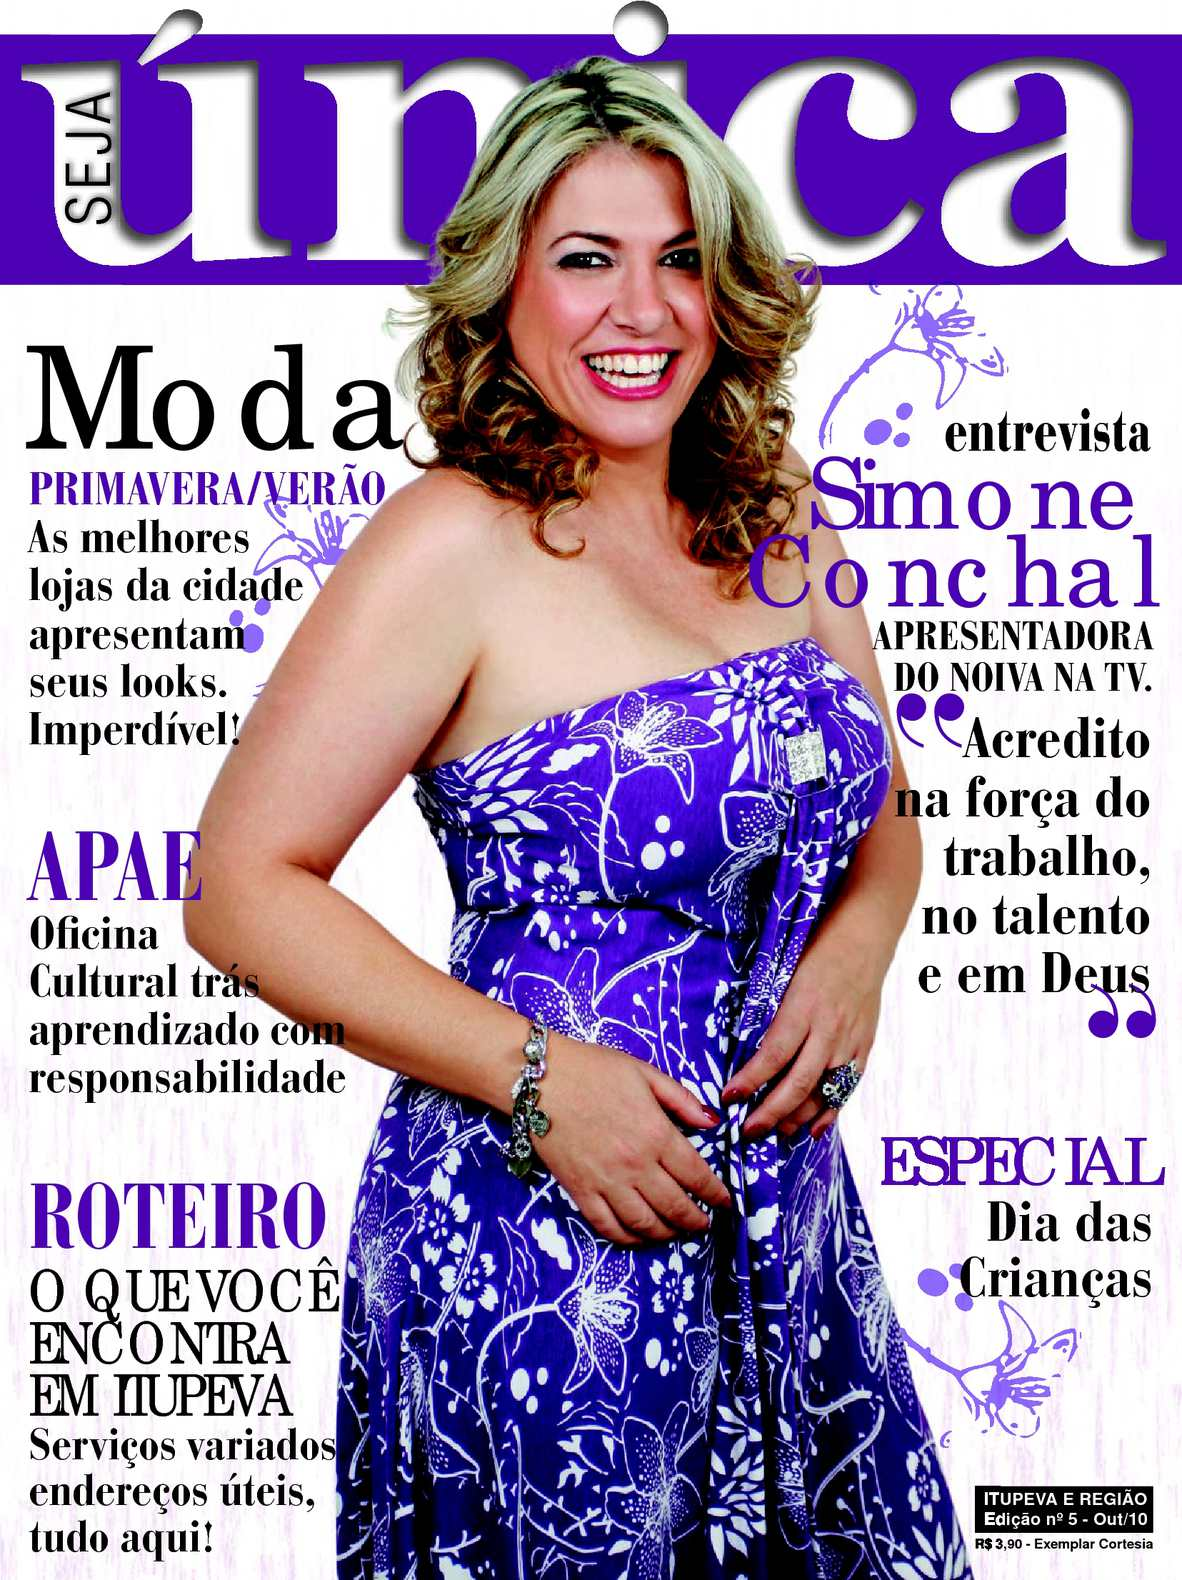 Calaméo - Revista Seja Única - Edição 05 30ca58cd3f